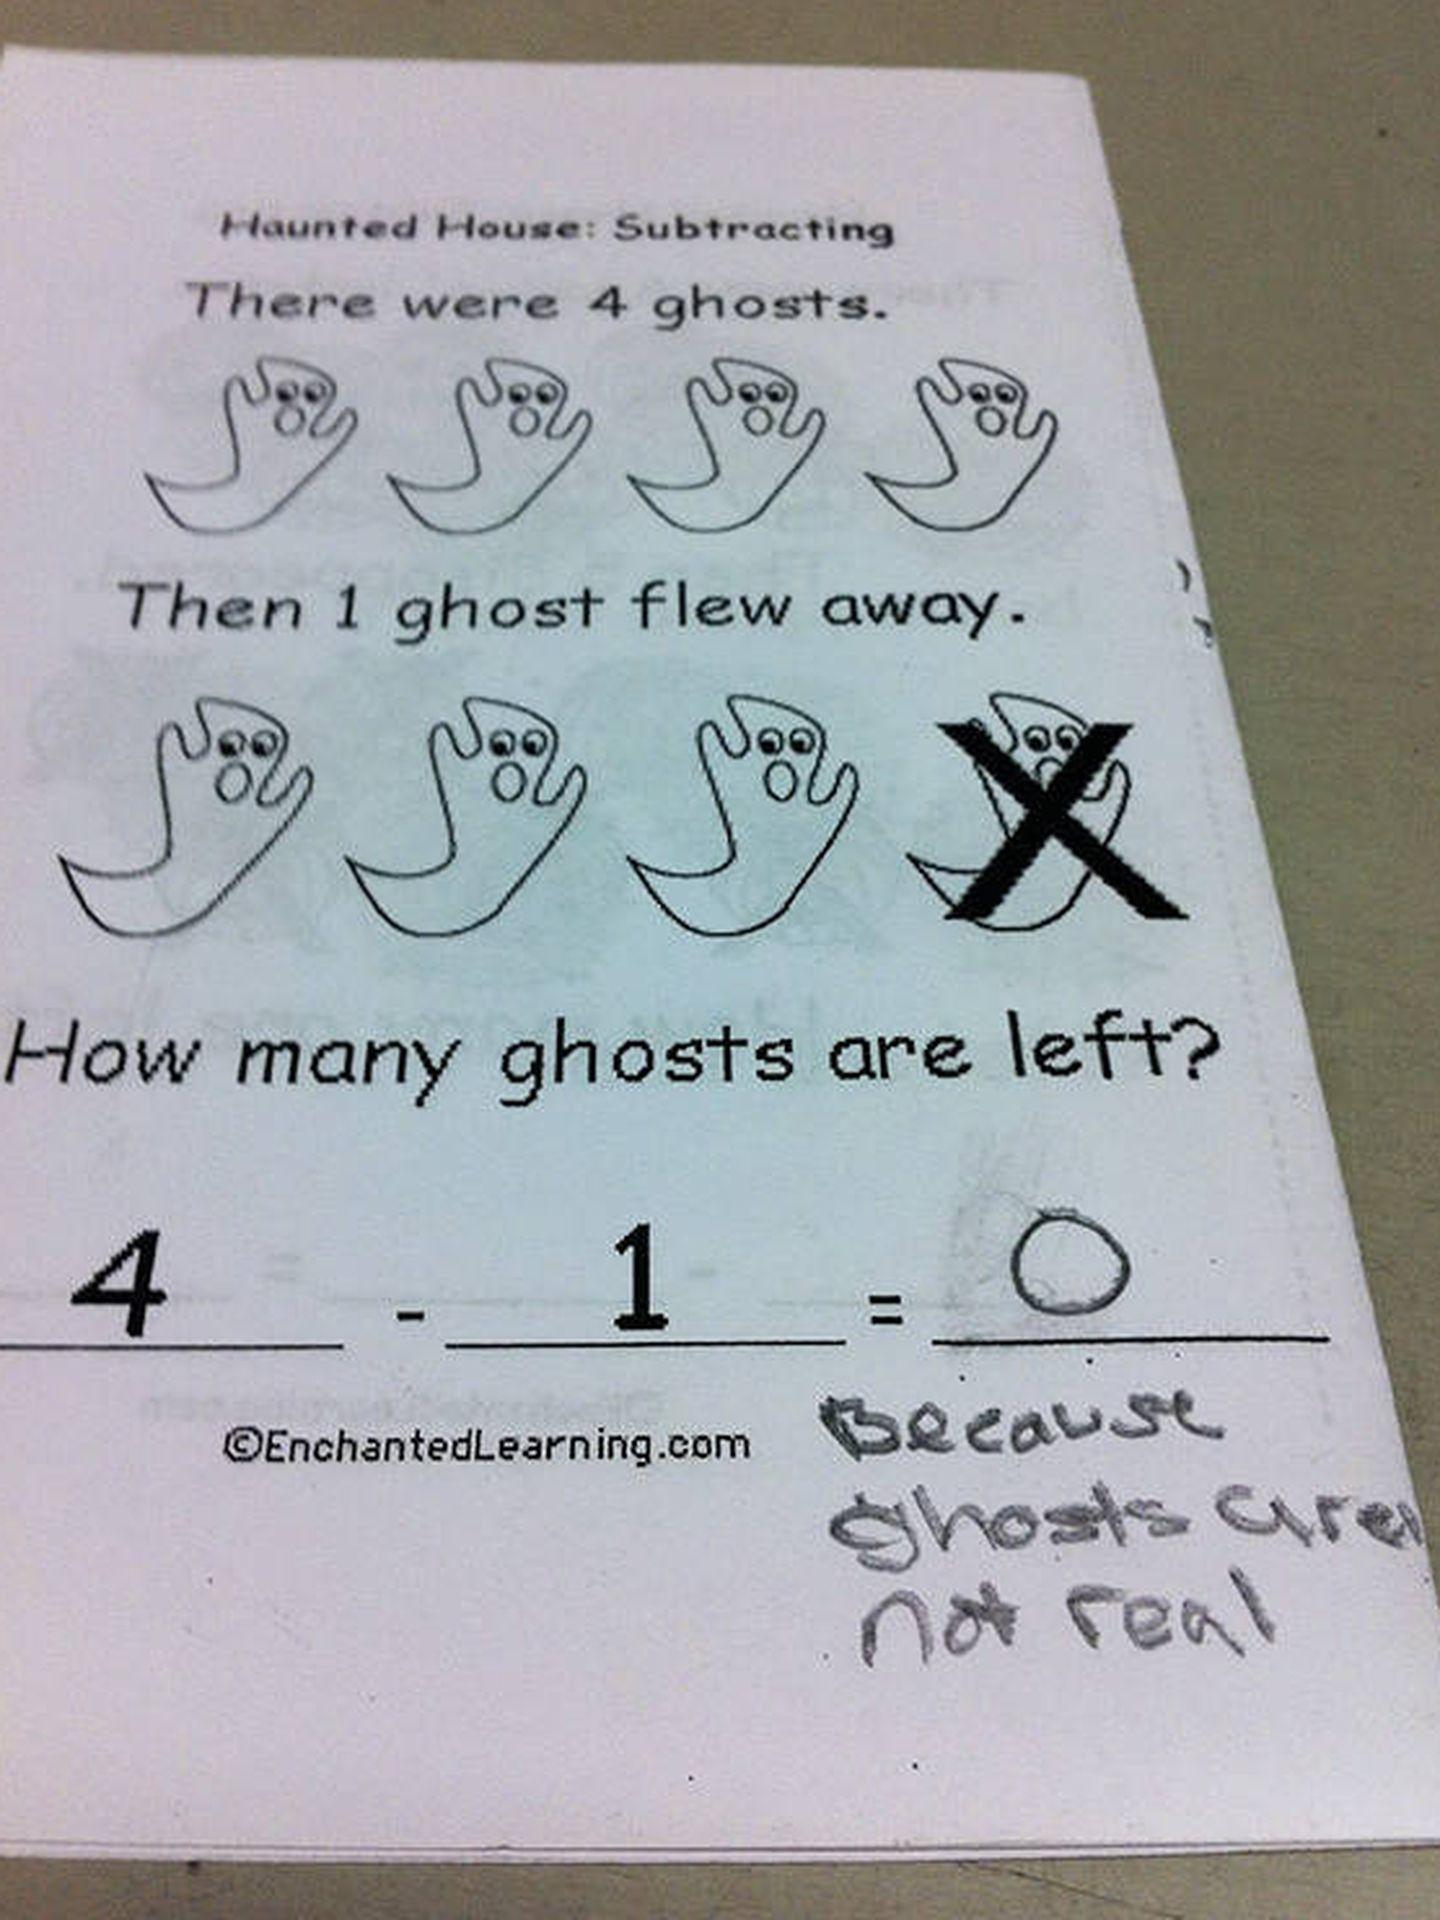 '0, porque los fantasmas no existen'.